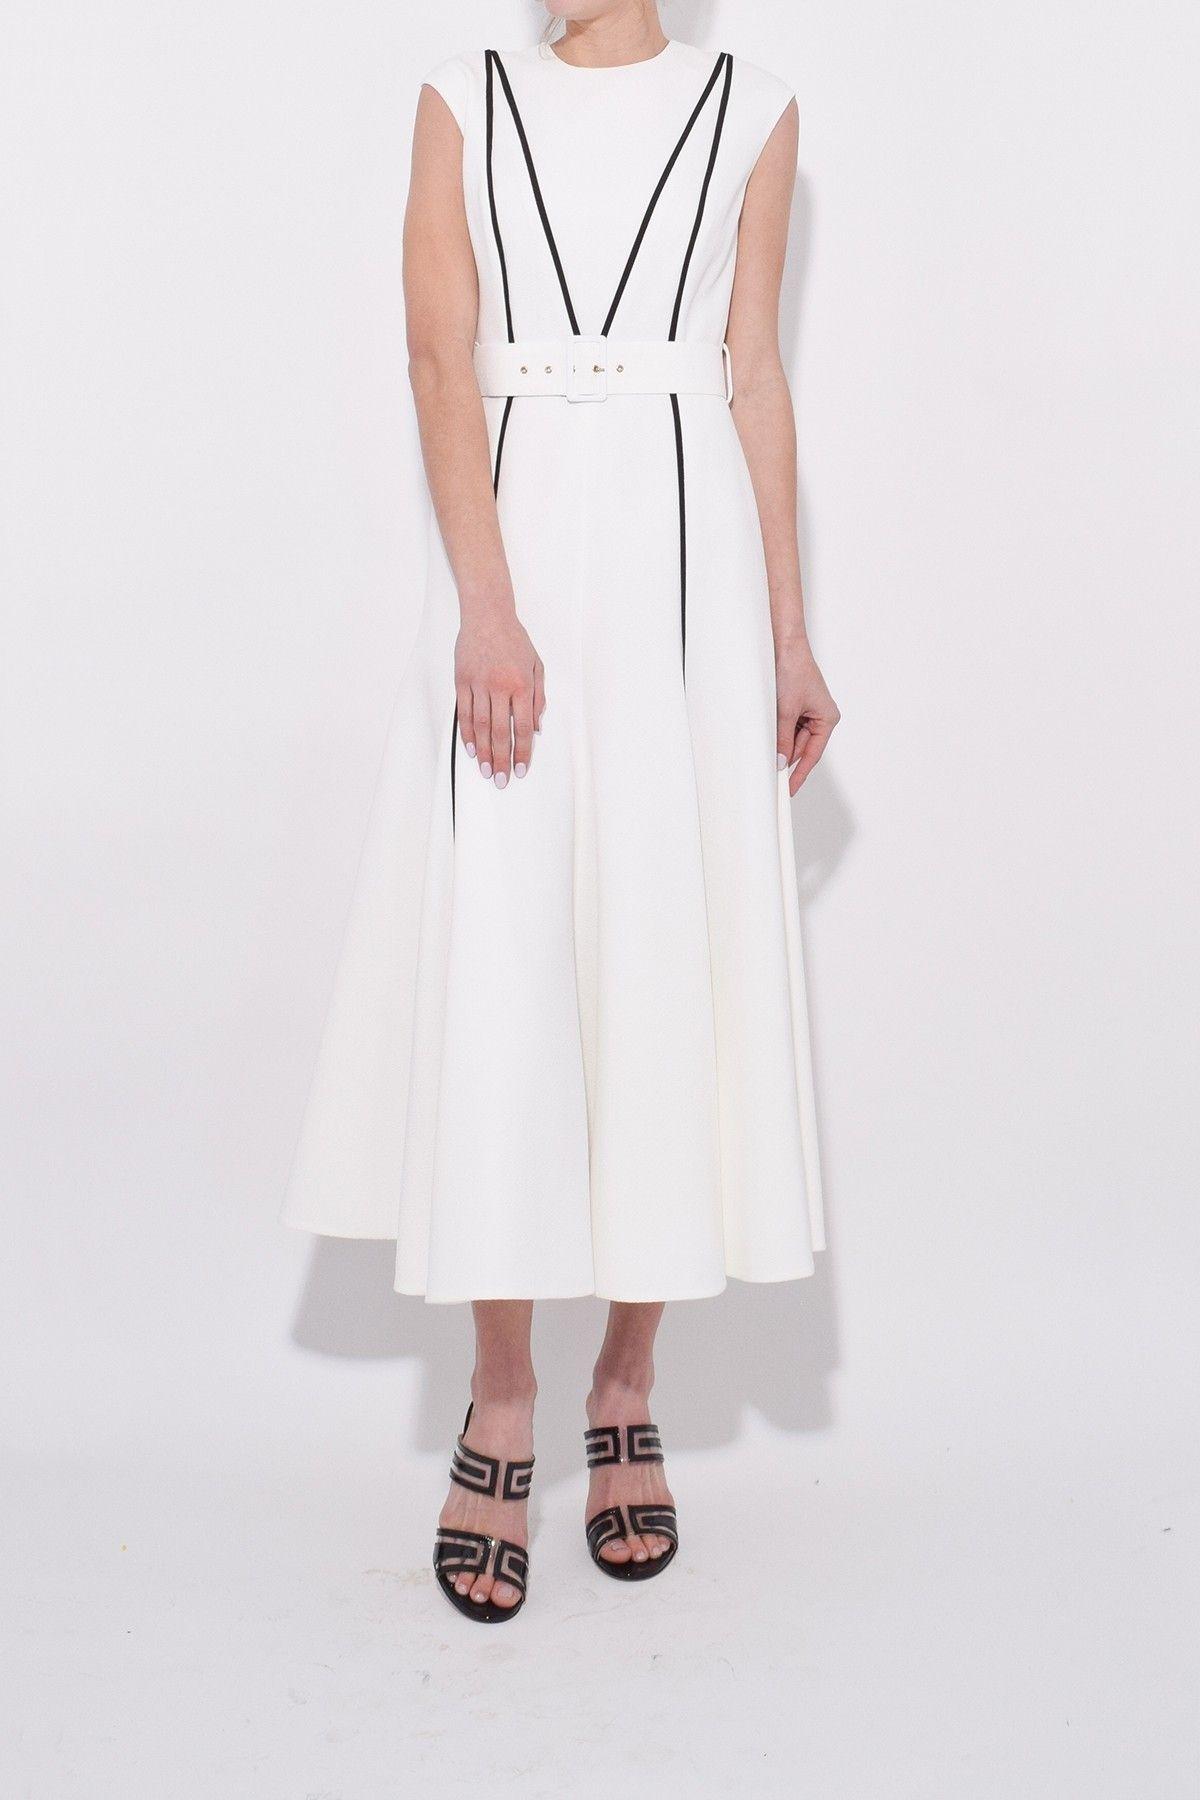 cfa547bbf66 Emilia Wickstead Denvella Midi Dress in White Black in 2019 ...